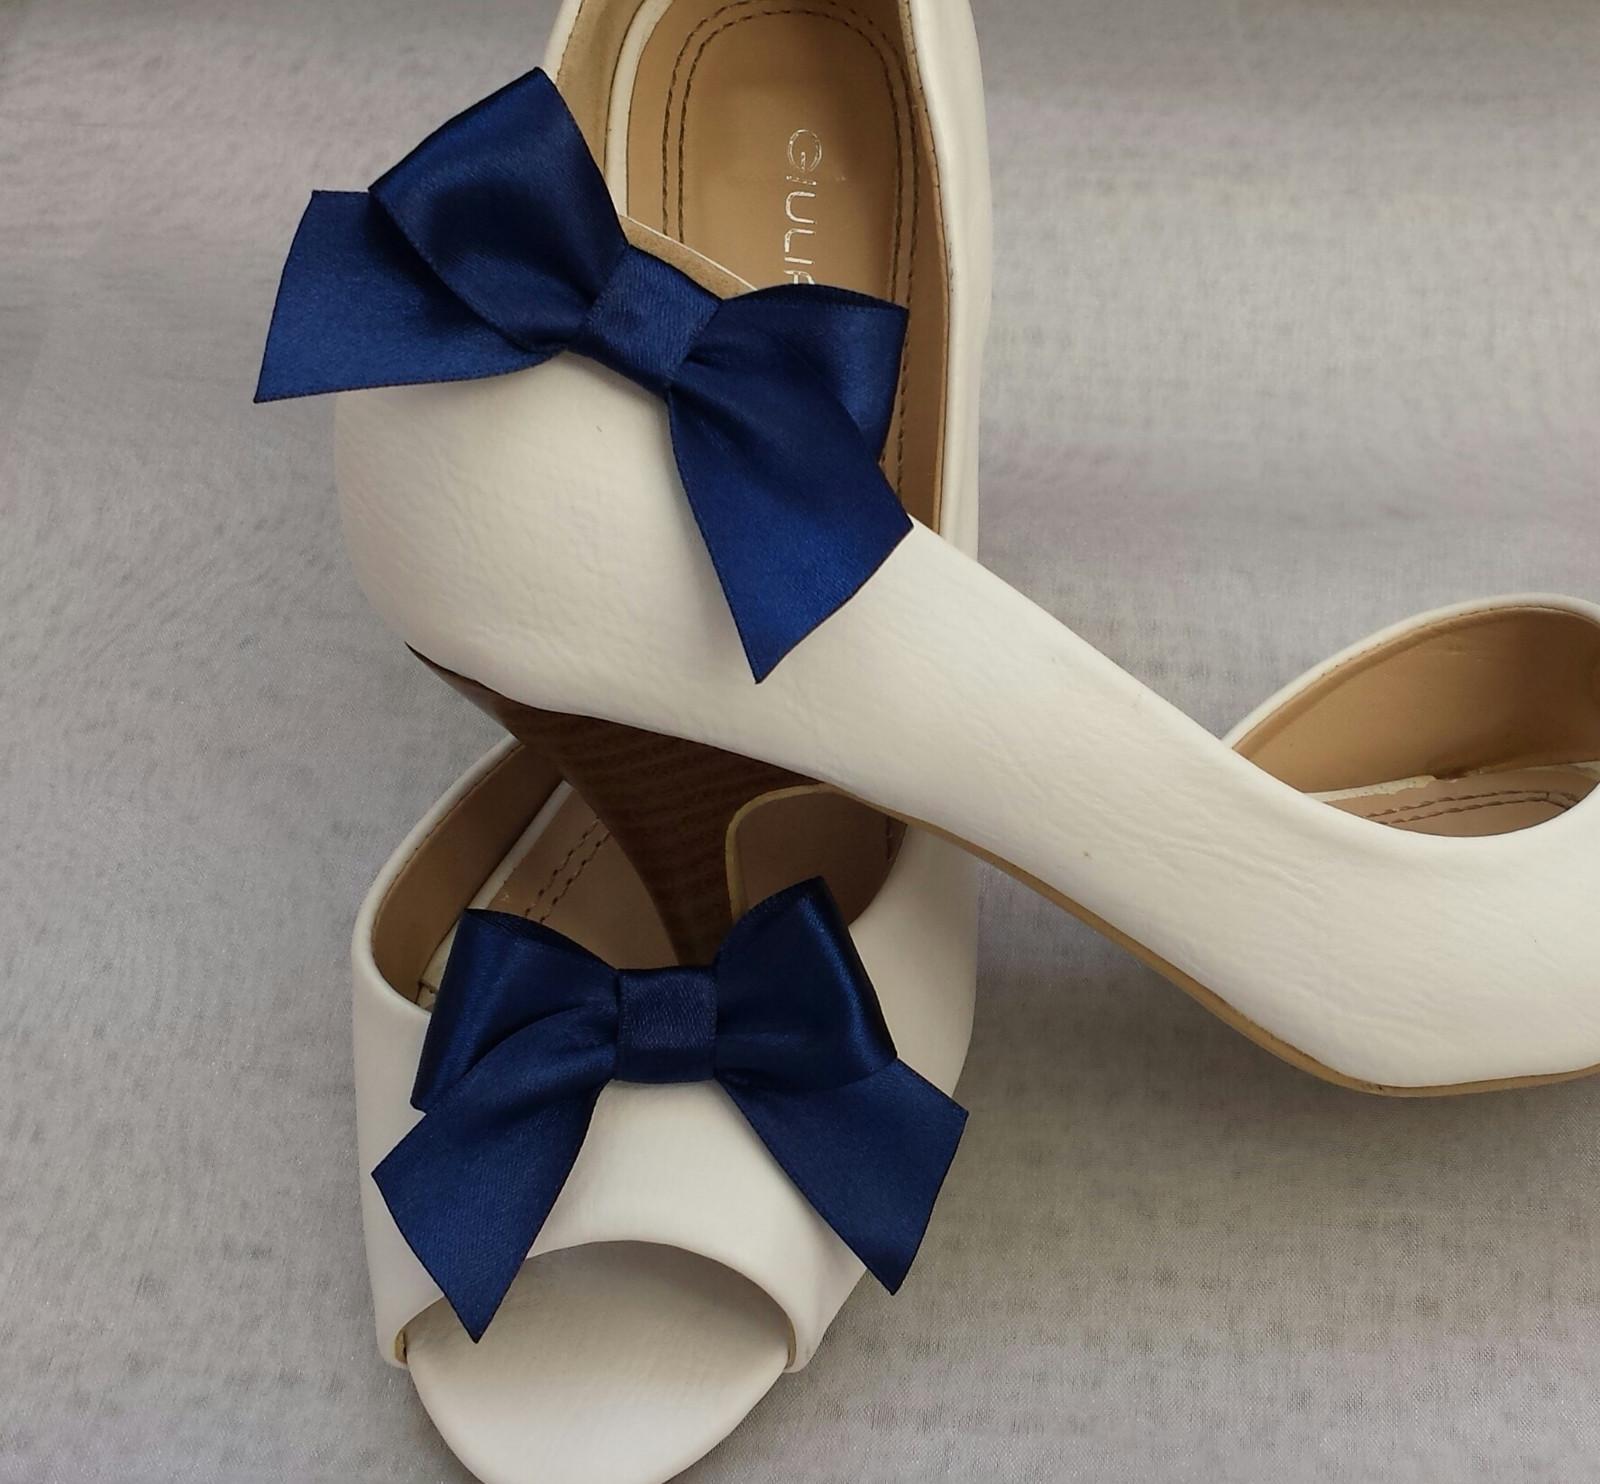 Klipy na boty pro nevěstu s námořnickou mašličkou - Obrázek č. 1